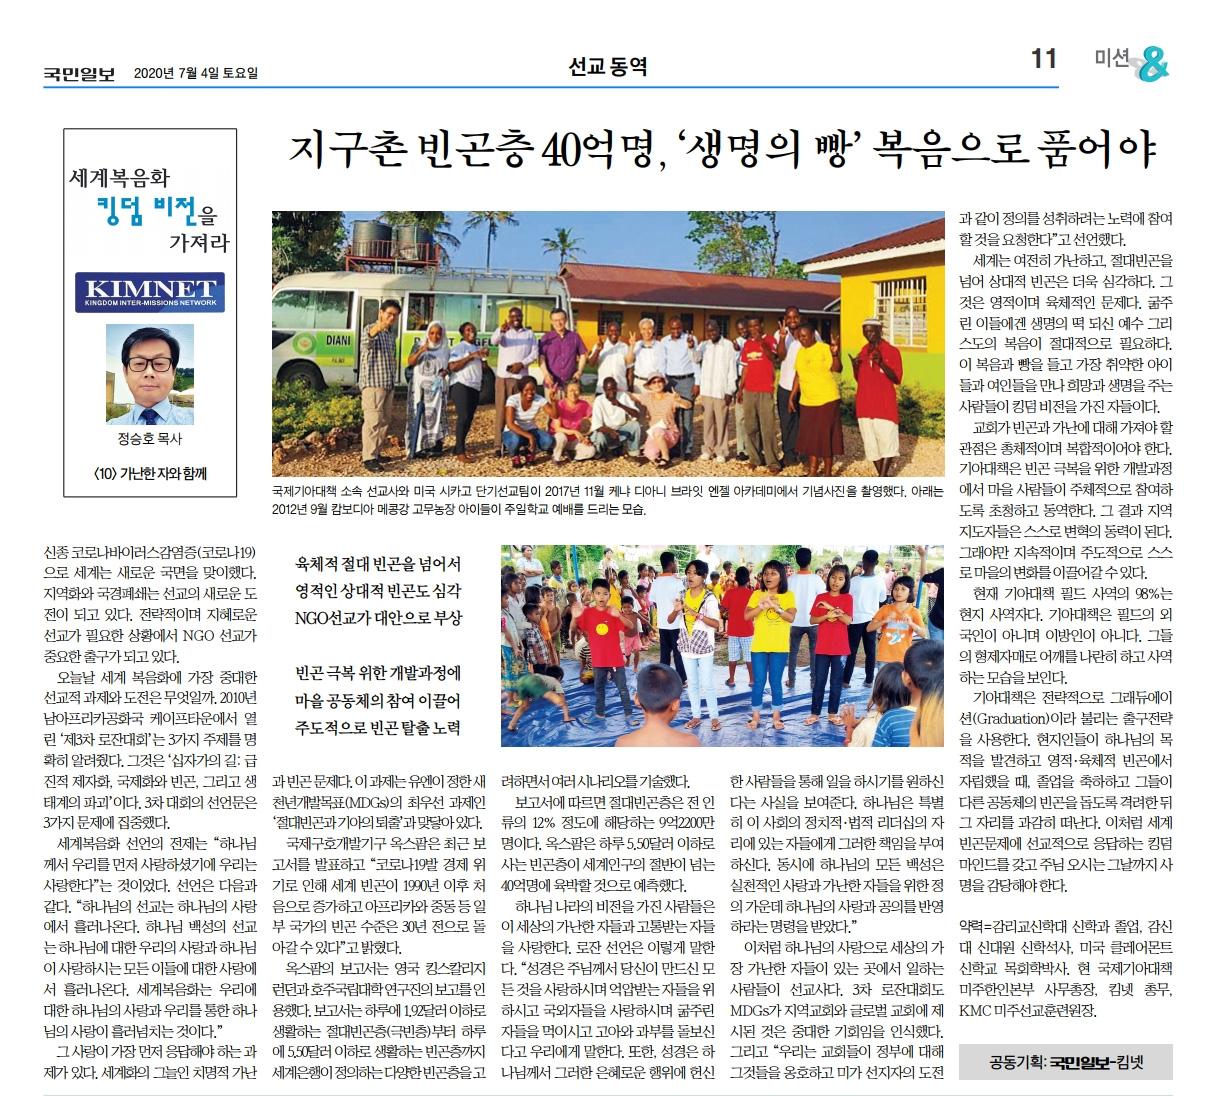 010_2020.07_04_가난한 자와 함께 정승호목사_국민일보.jpg